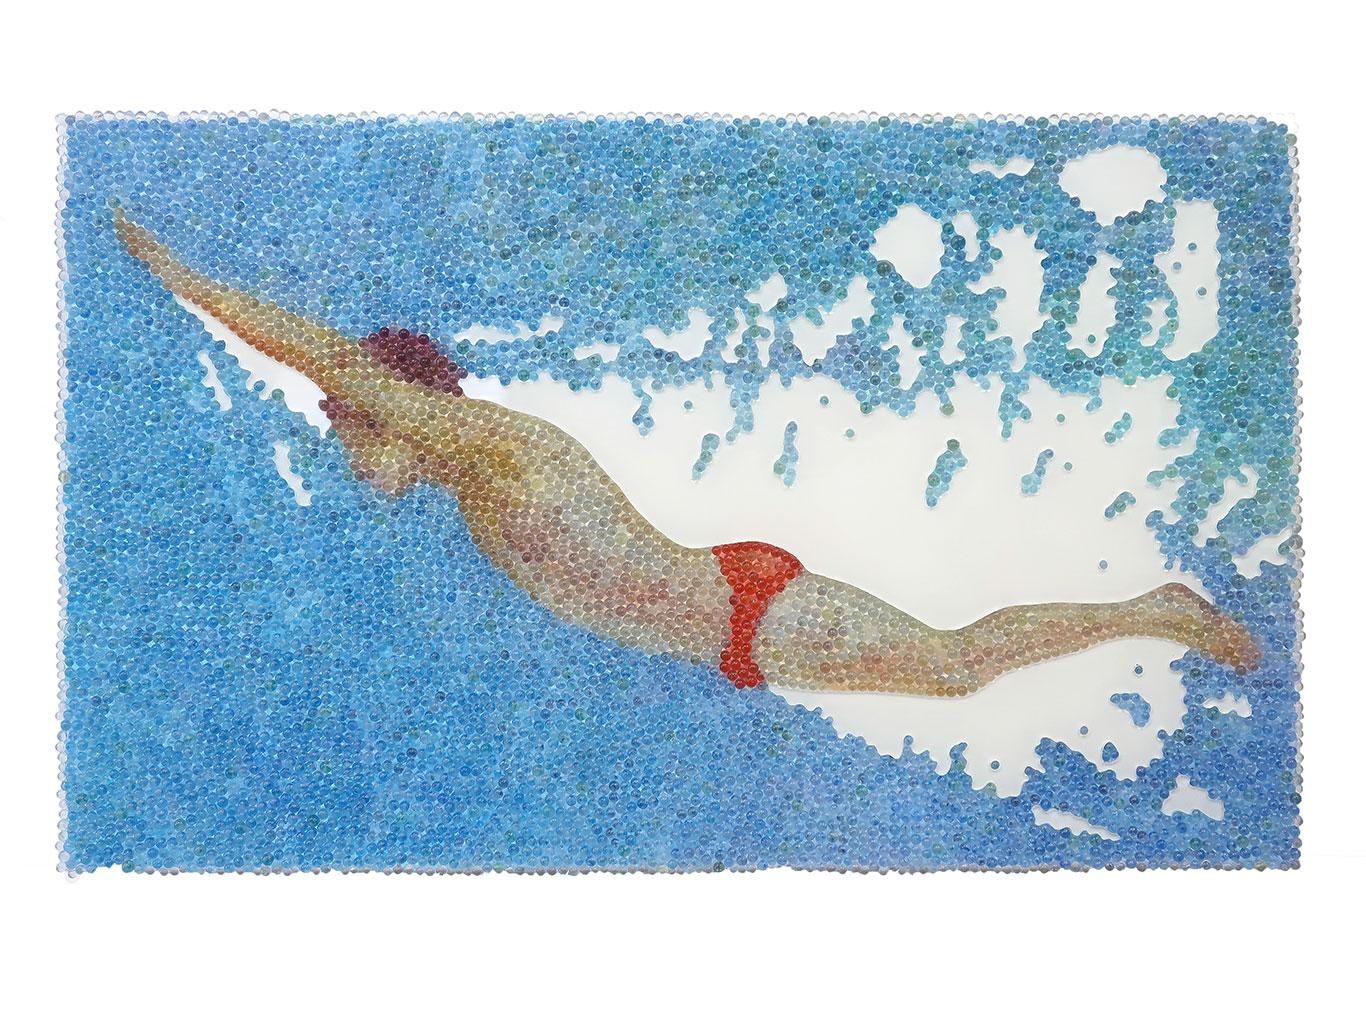 Alle Lust will Ewigkeit 2, Glaskugeln, Plexiglas auf Öl, Leinwand und Holz, 2018, 60 x 100 cm